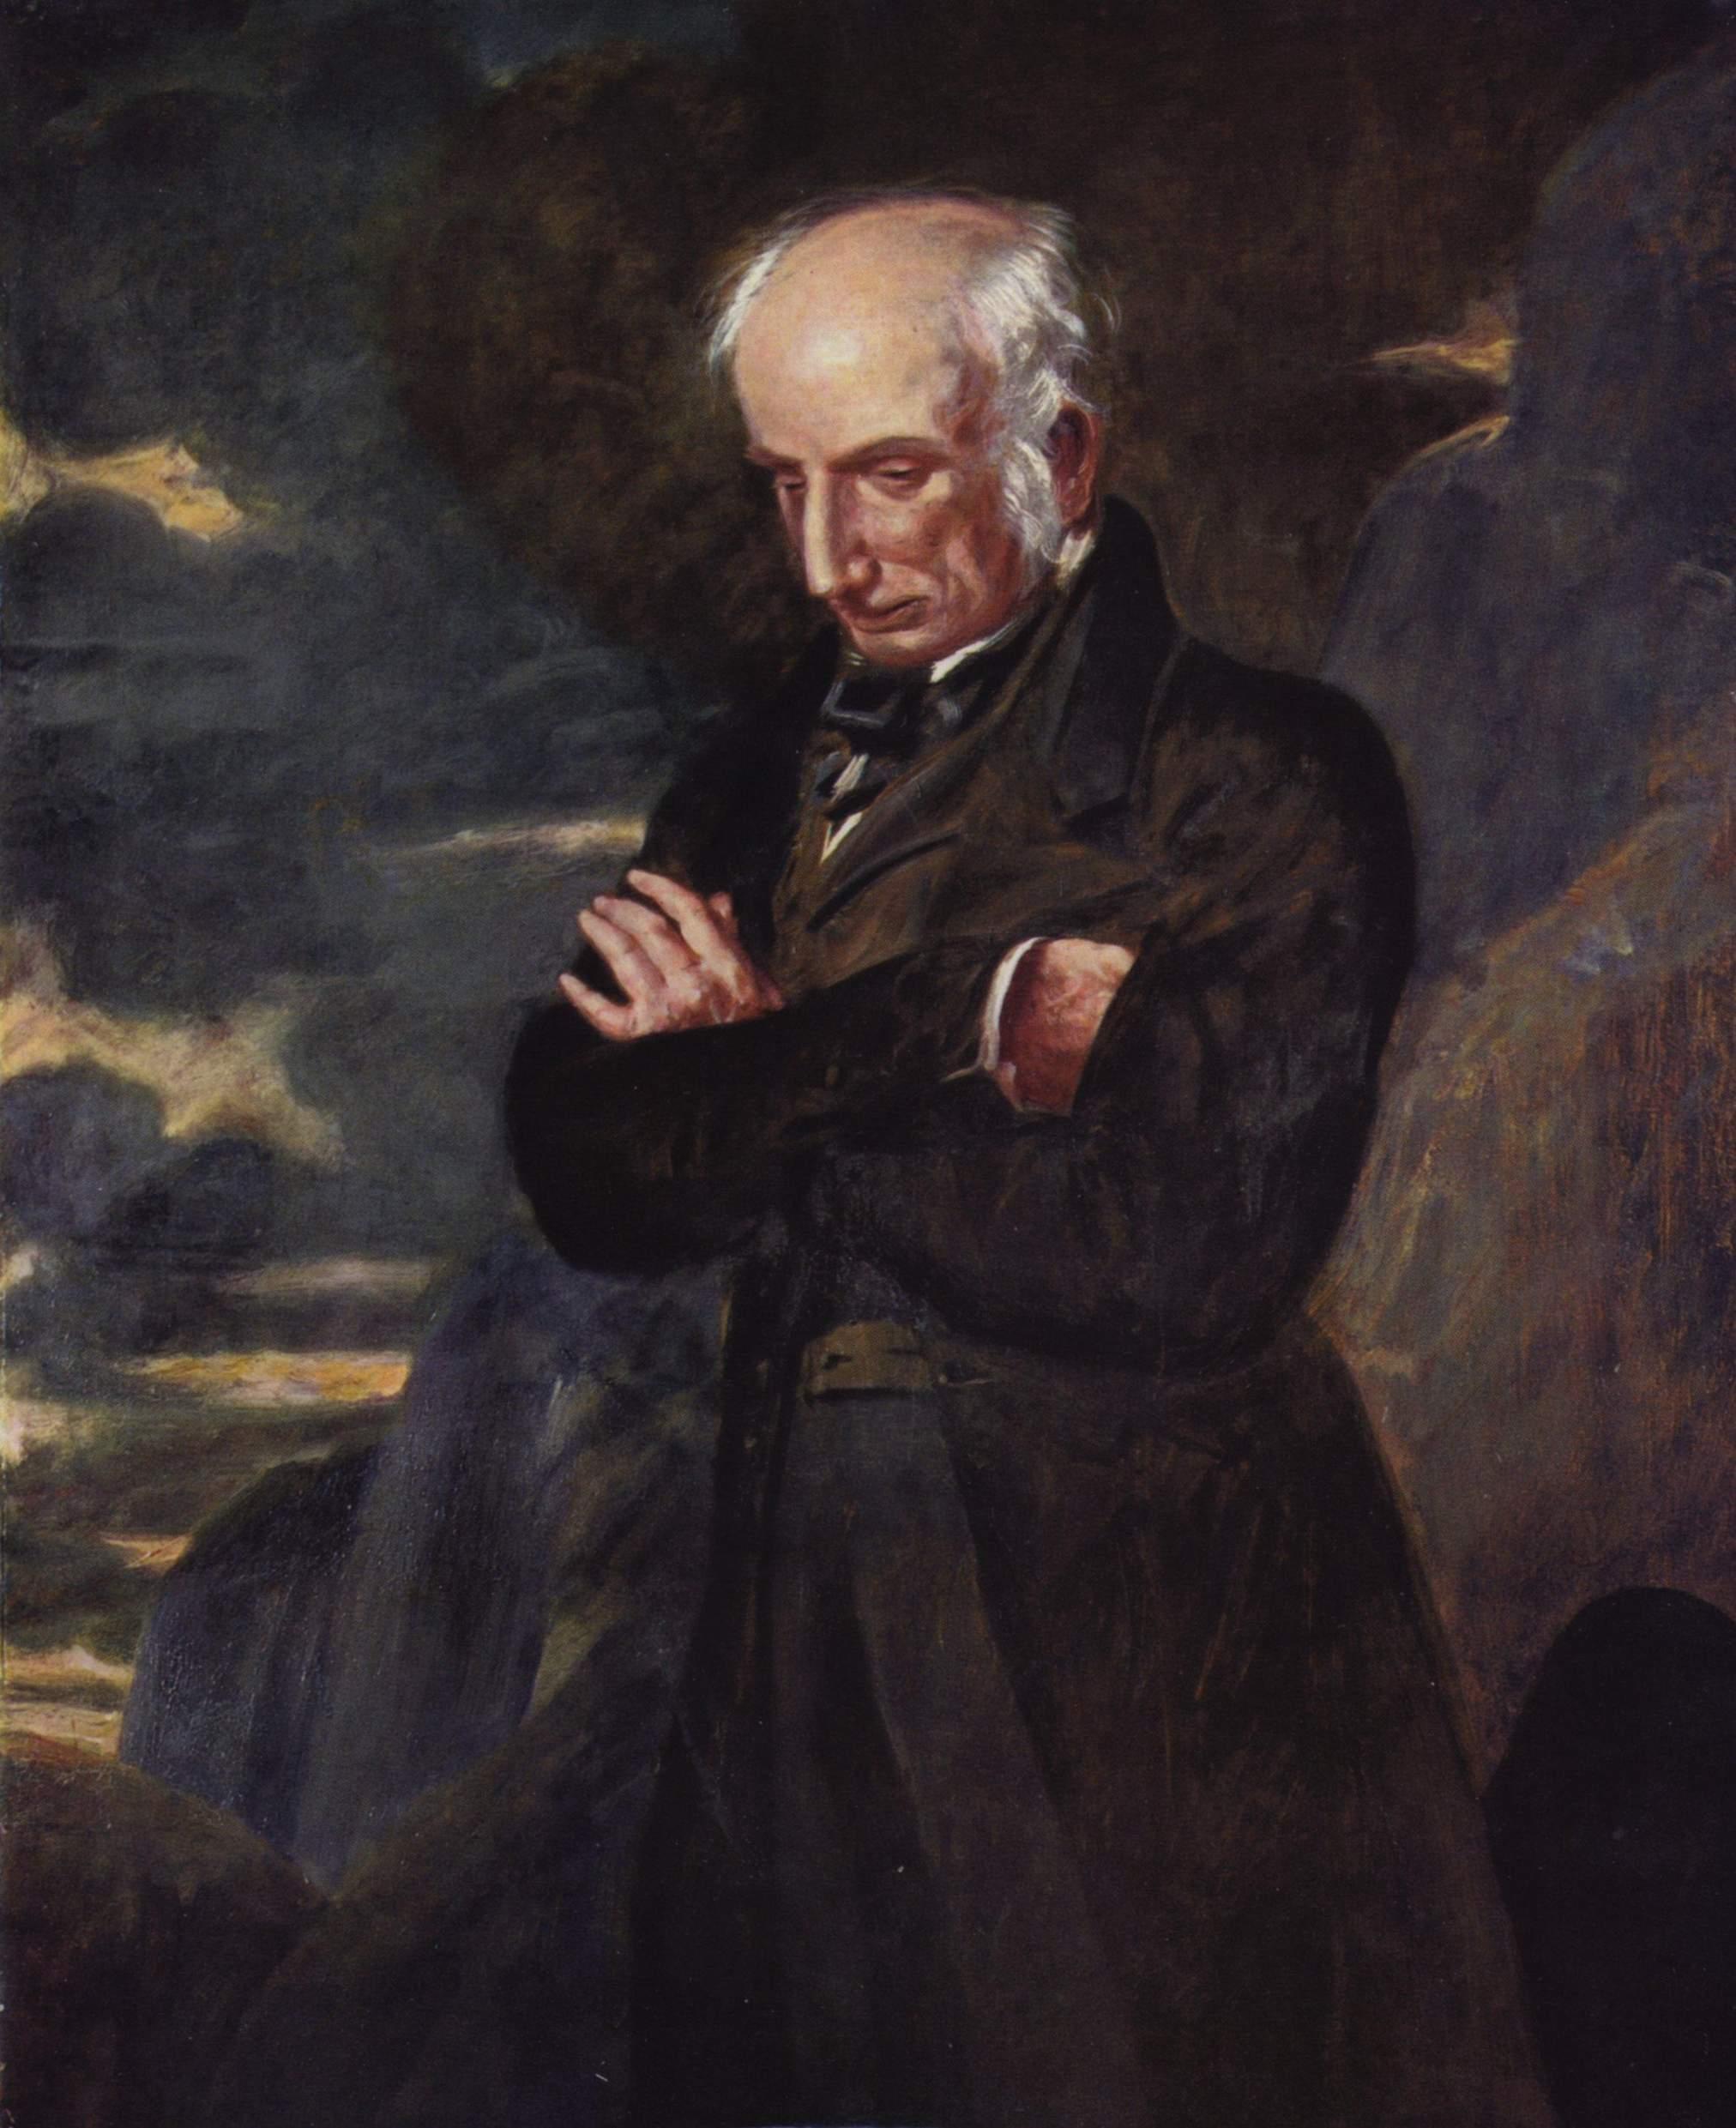 Portrait of Wordsworth by Benjamin Robert Haydon